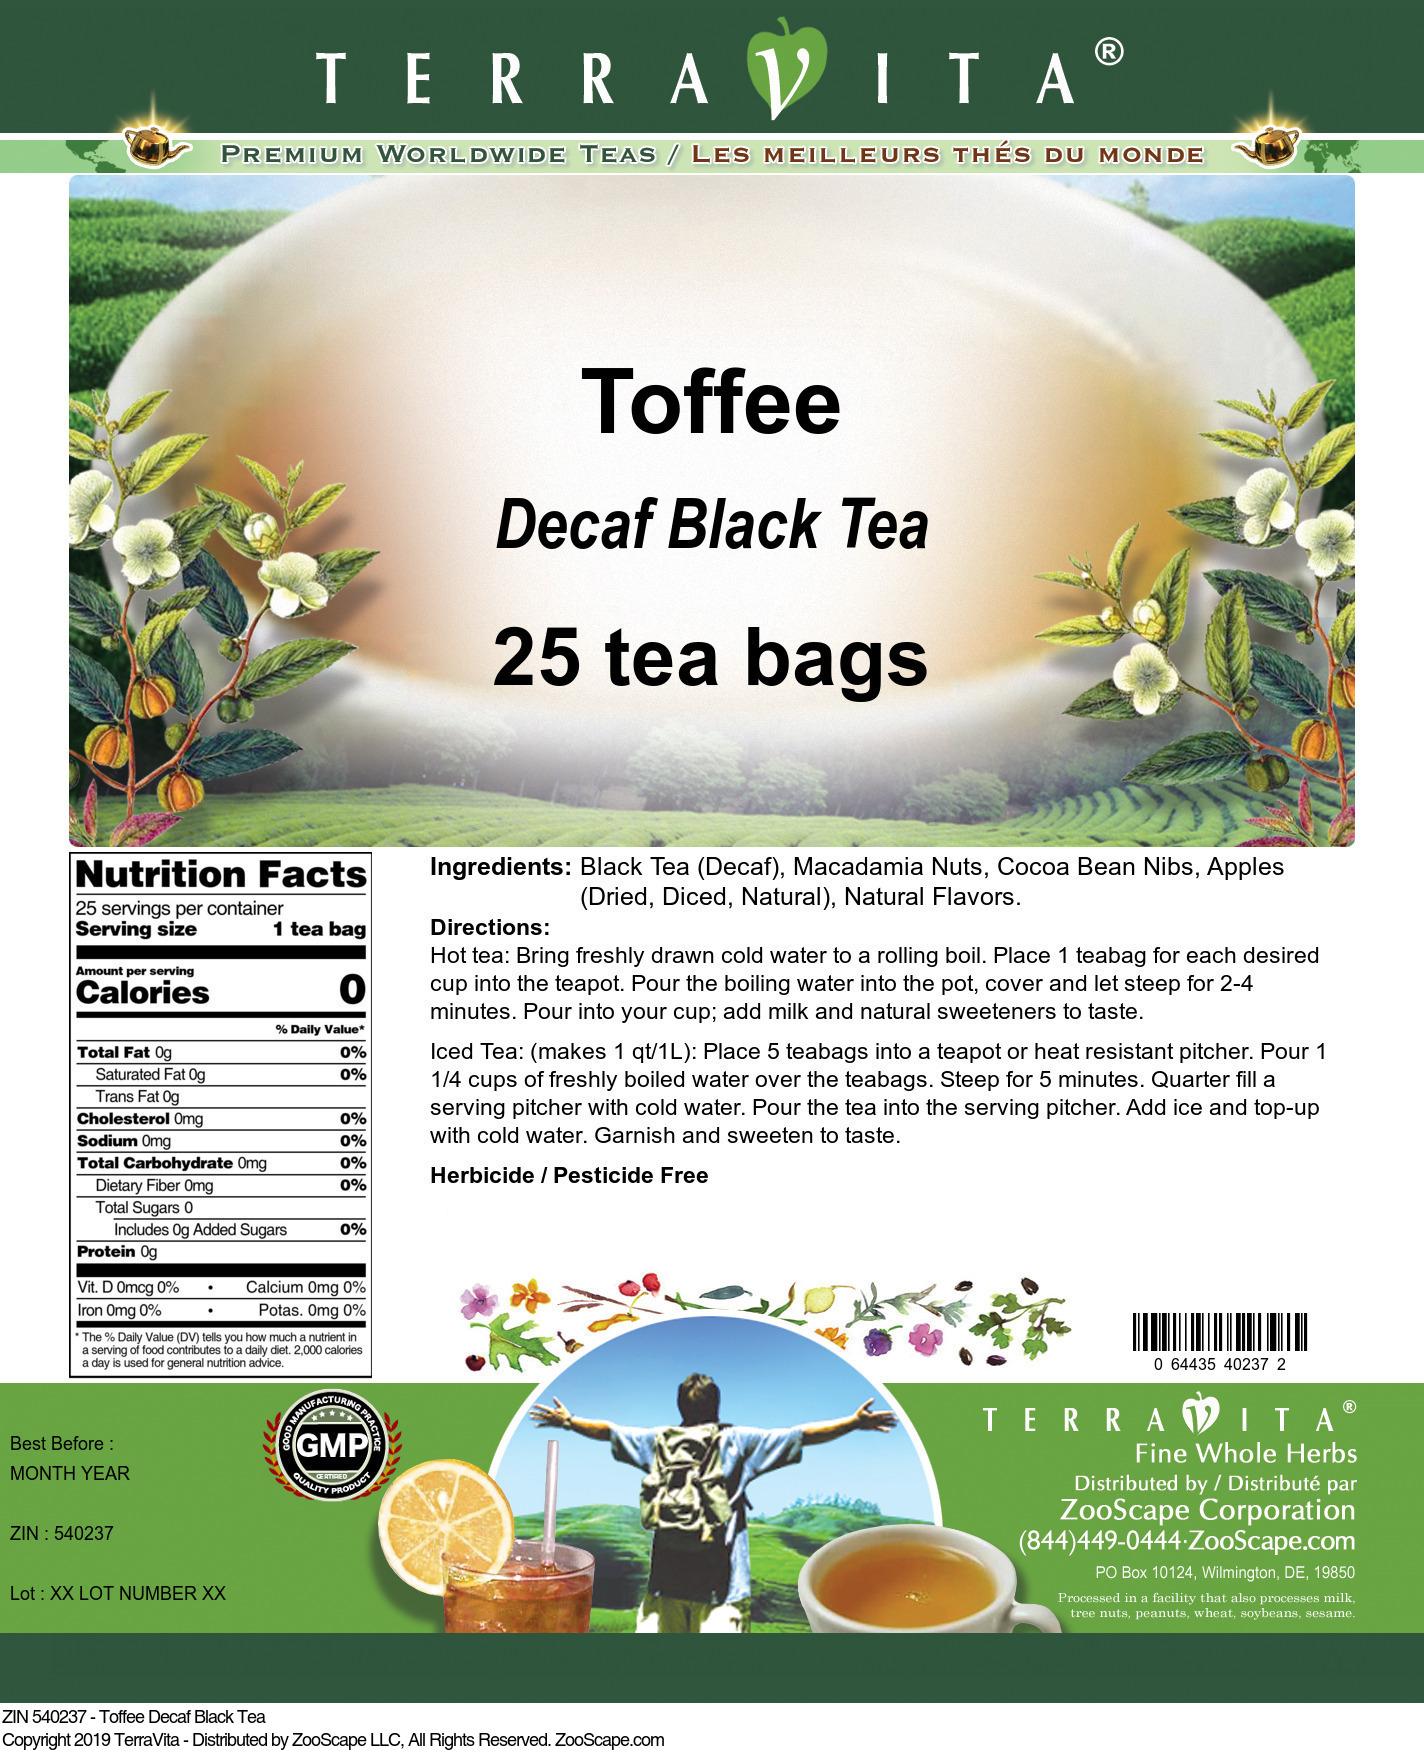 Toffee Decaf Black Tea